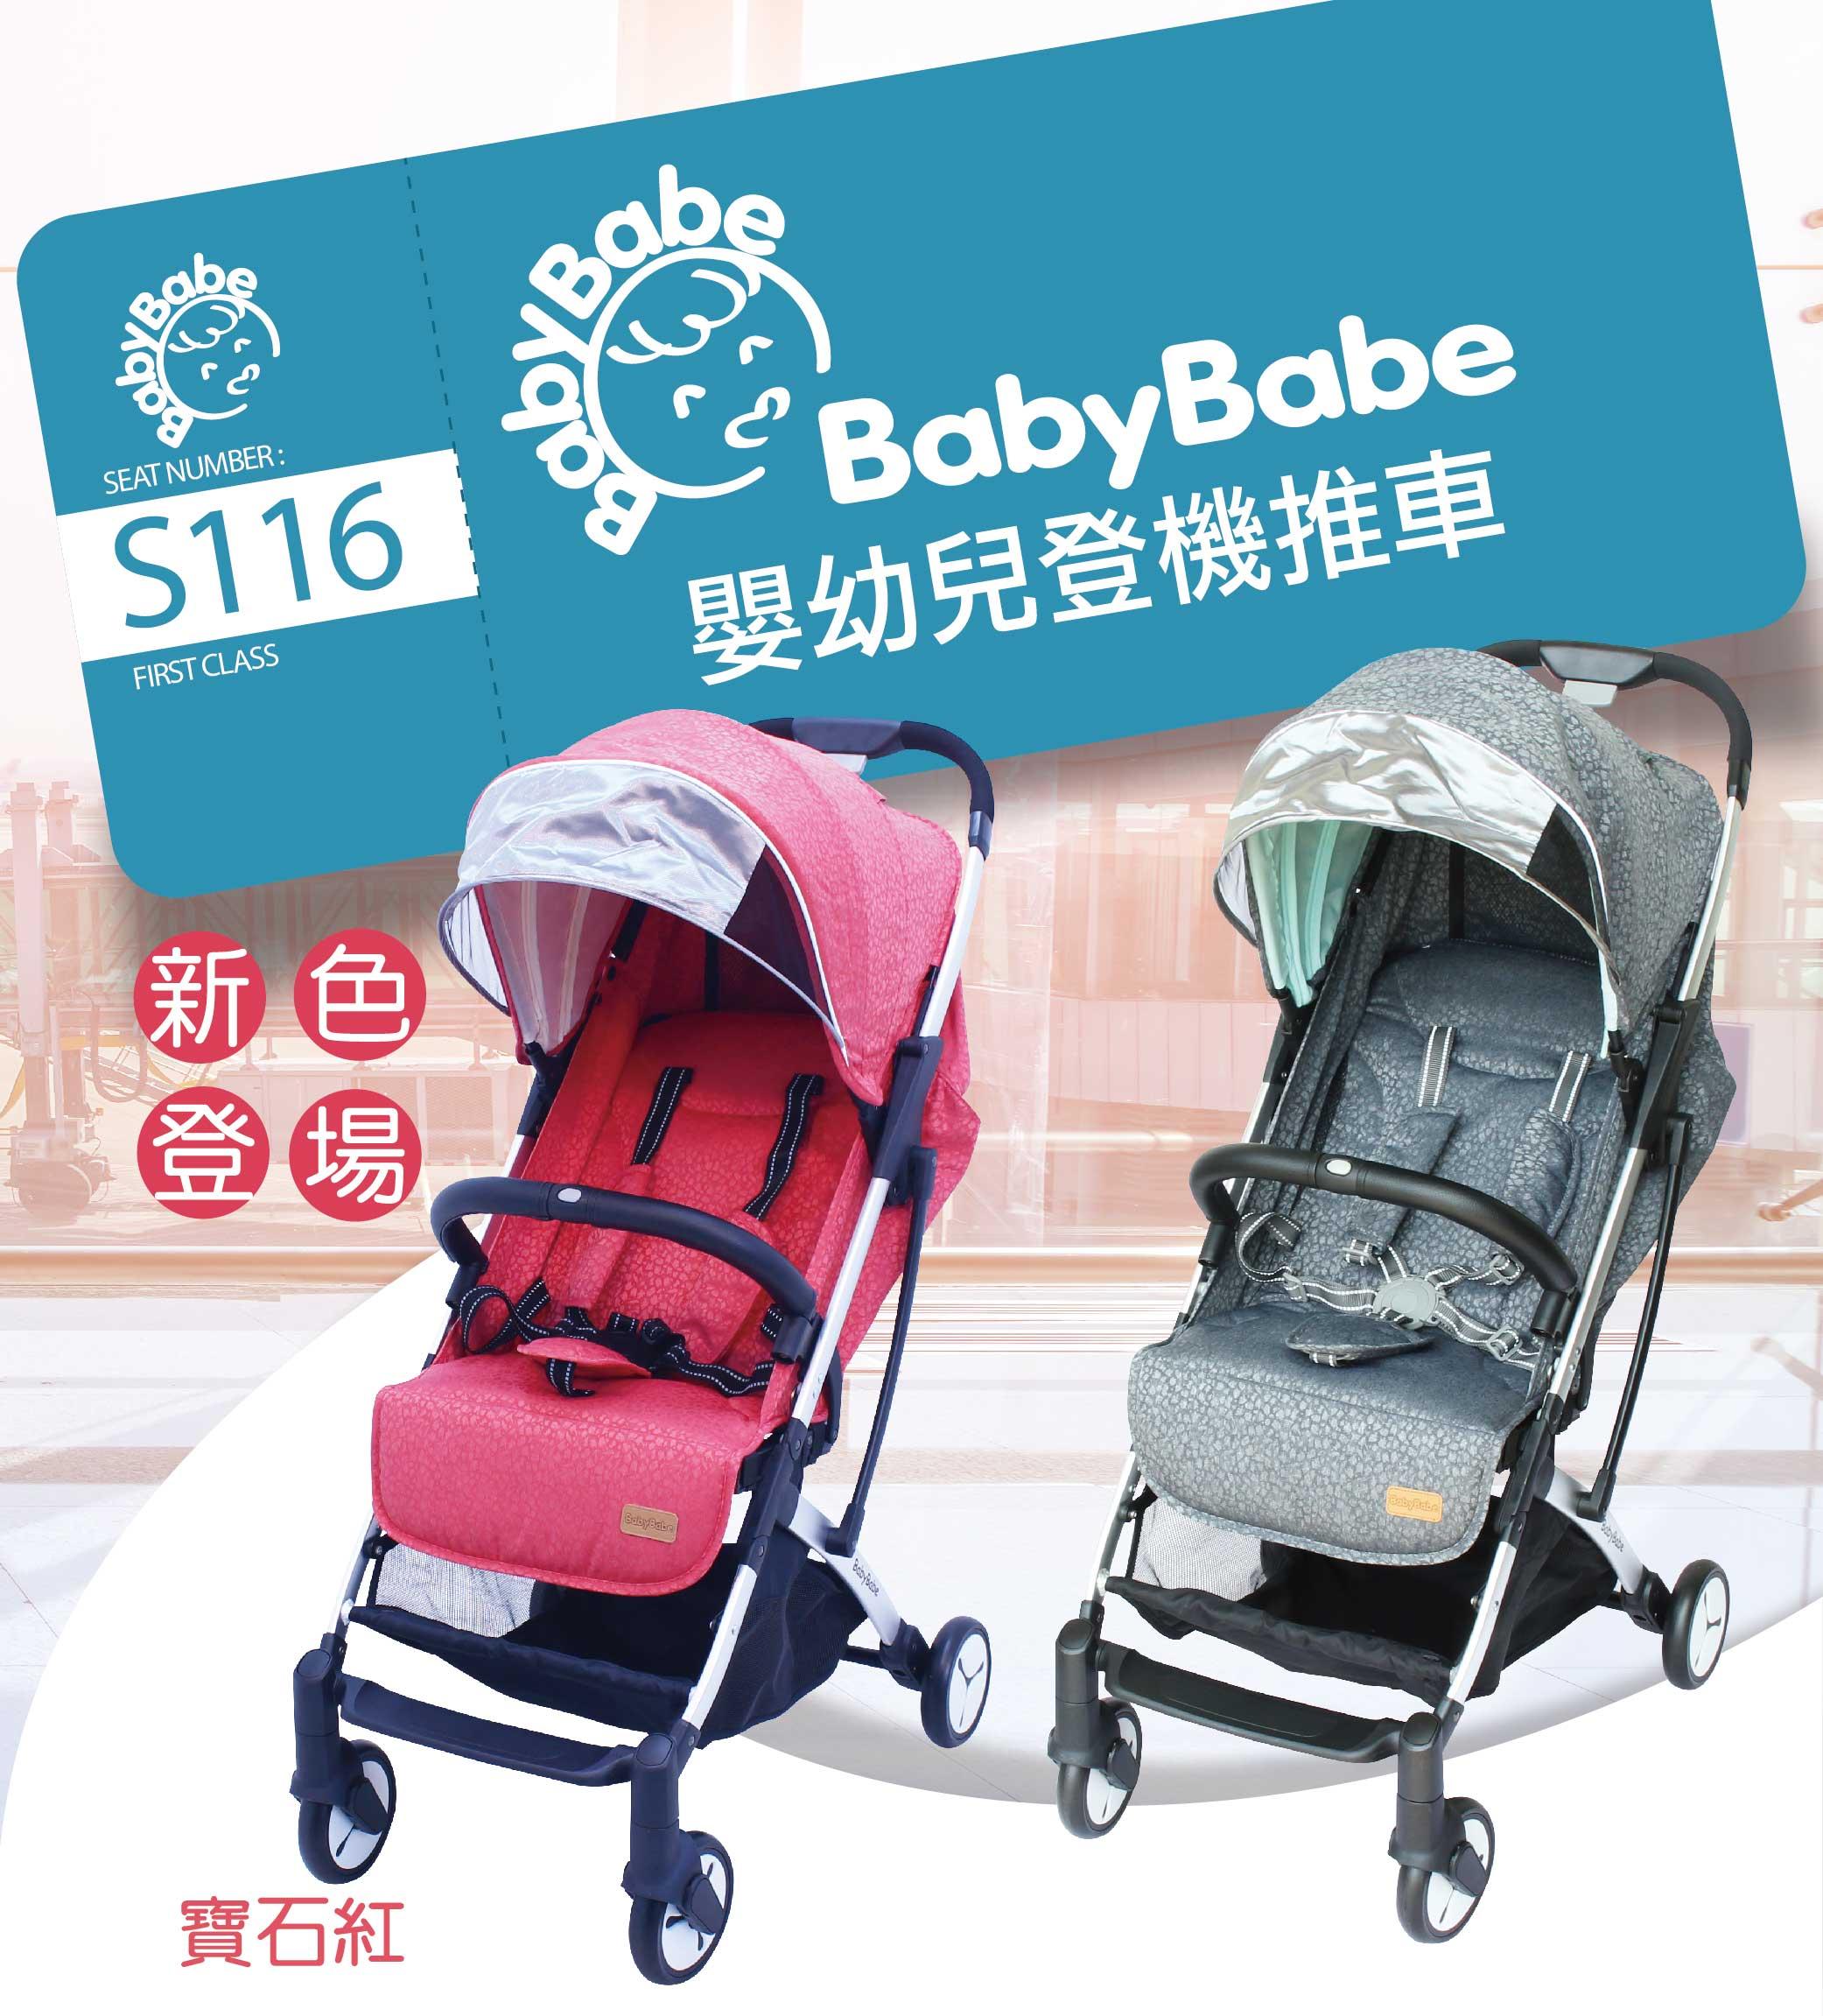 S116嬰幼兒登機推車_1-01